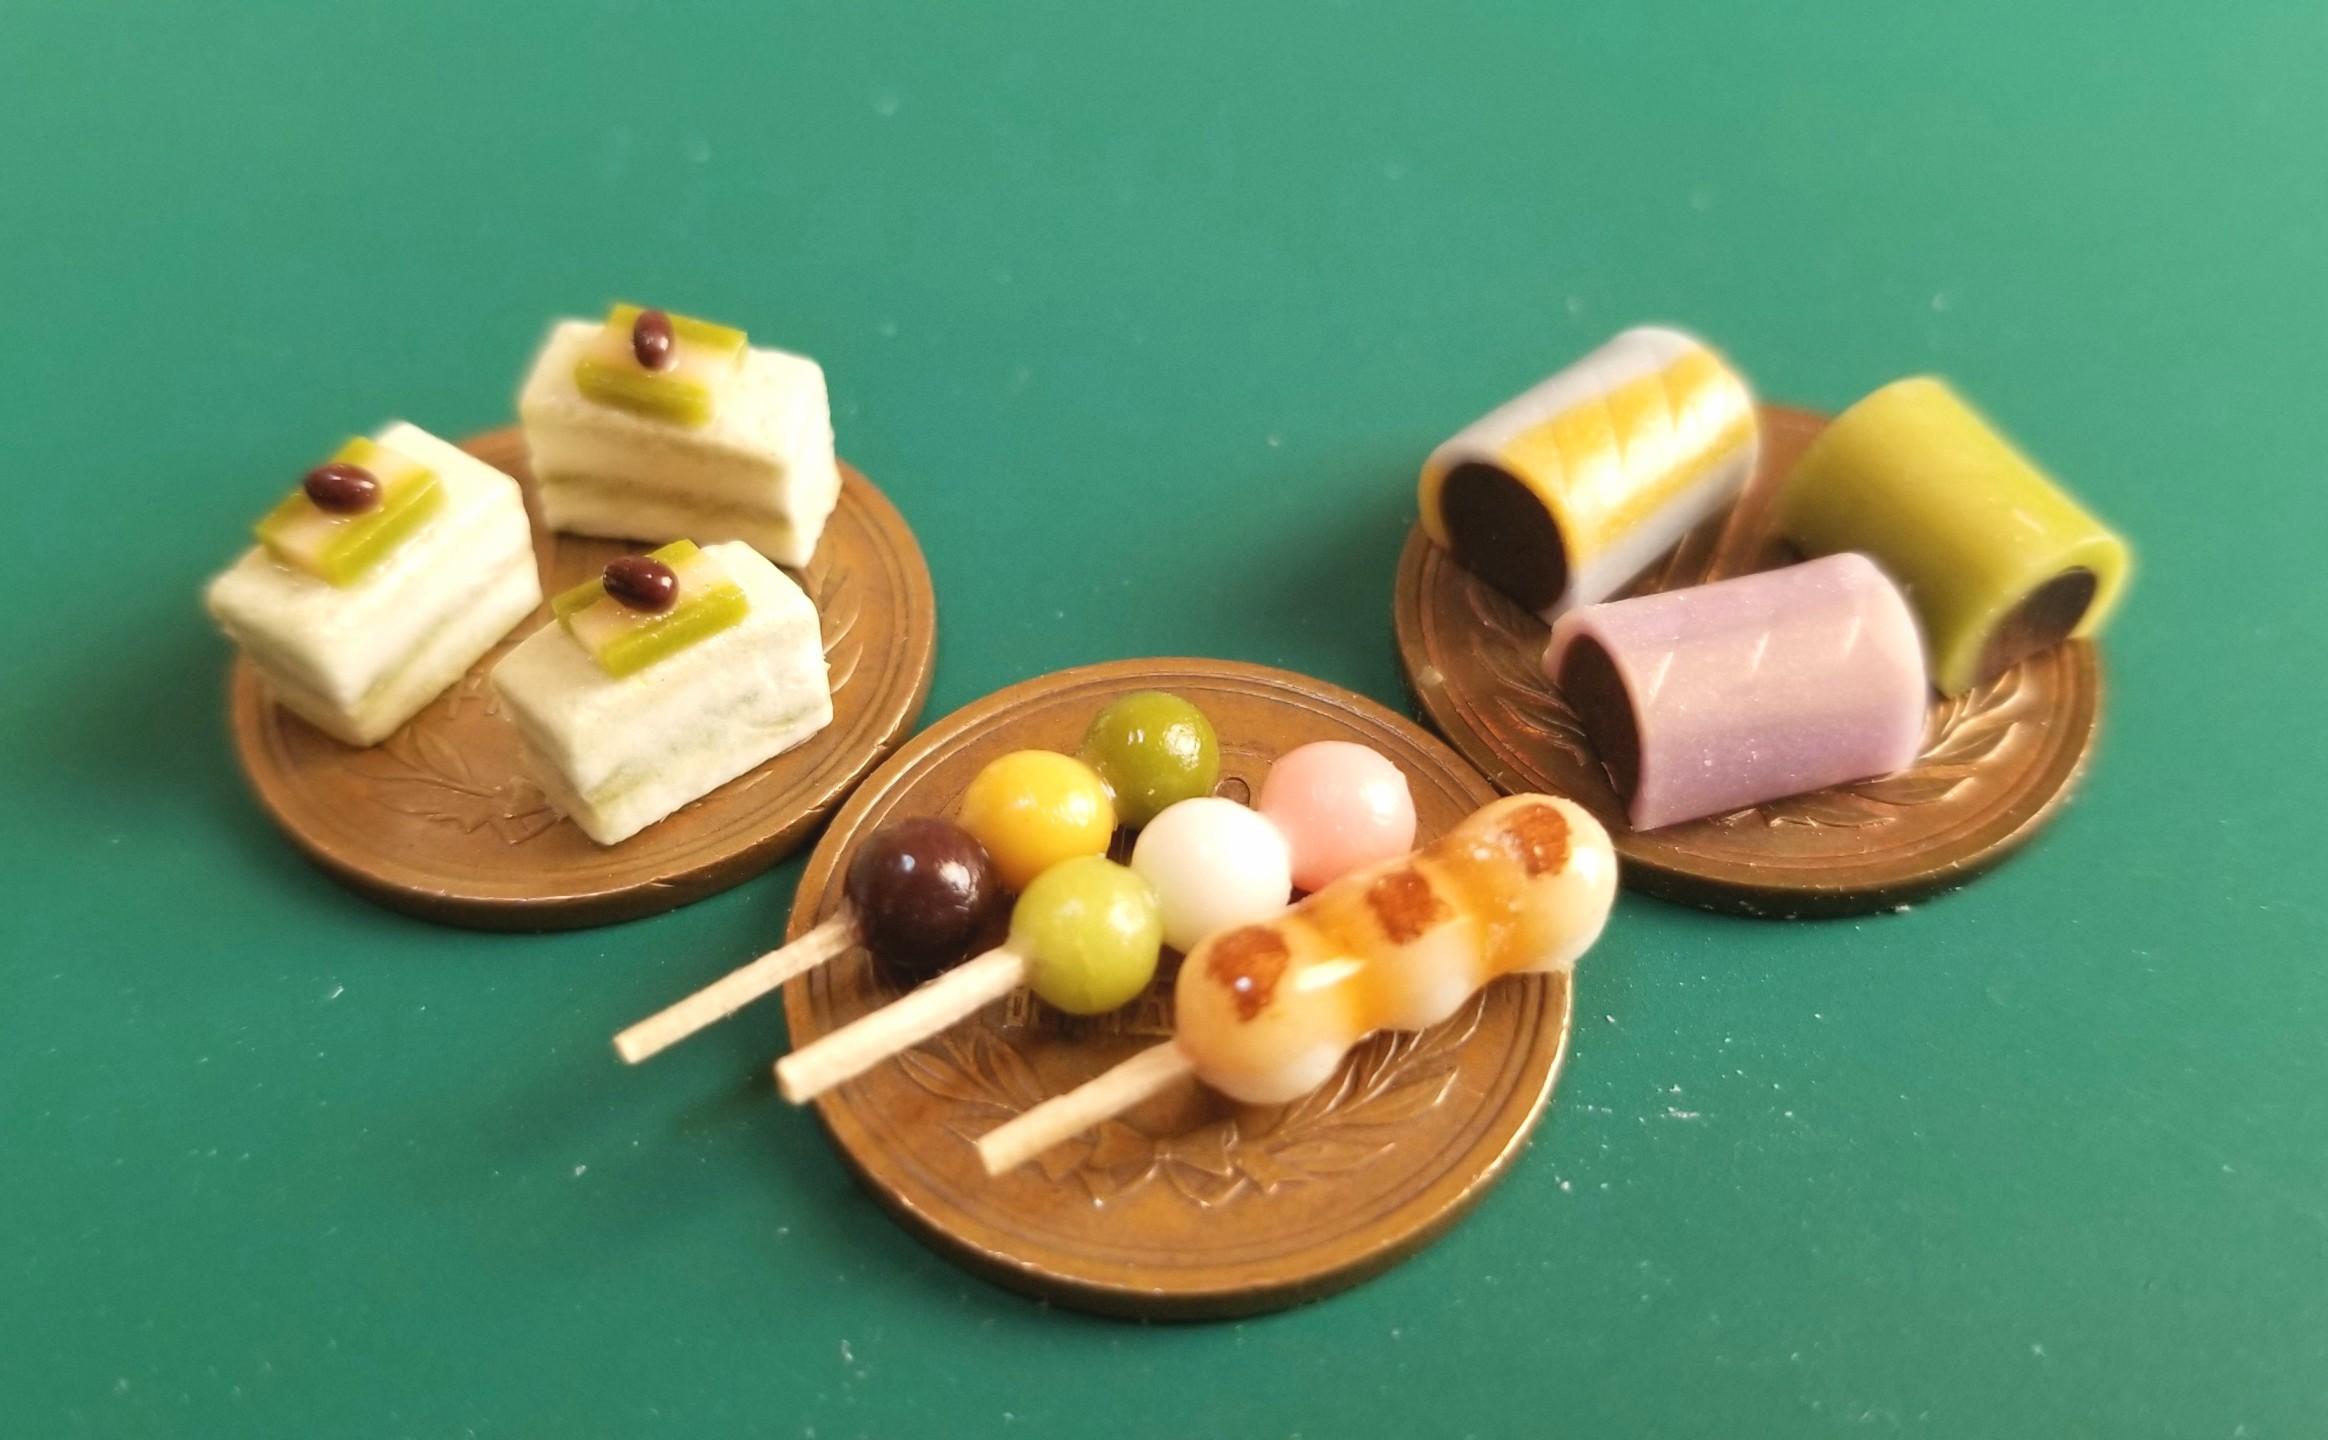 ミニチュアフード,和菓子,抹茶ムース,団子,樹脂粘土,食品サンプル